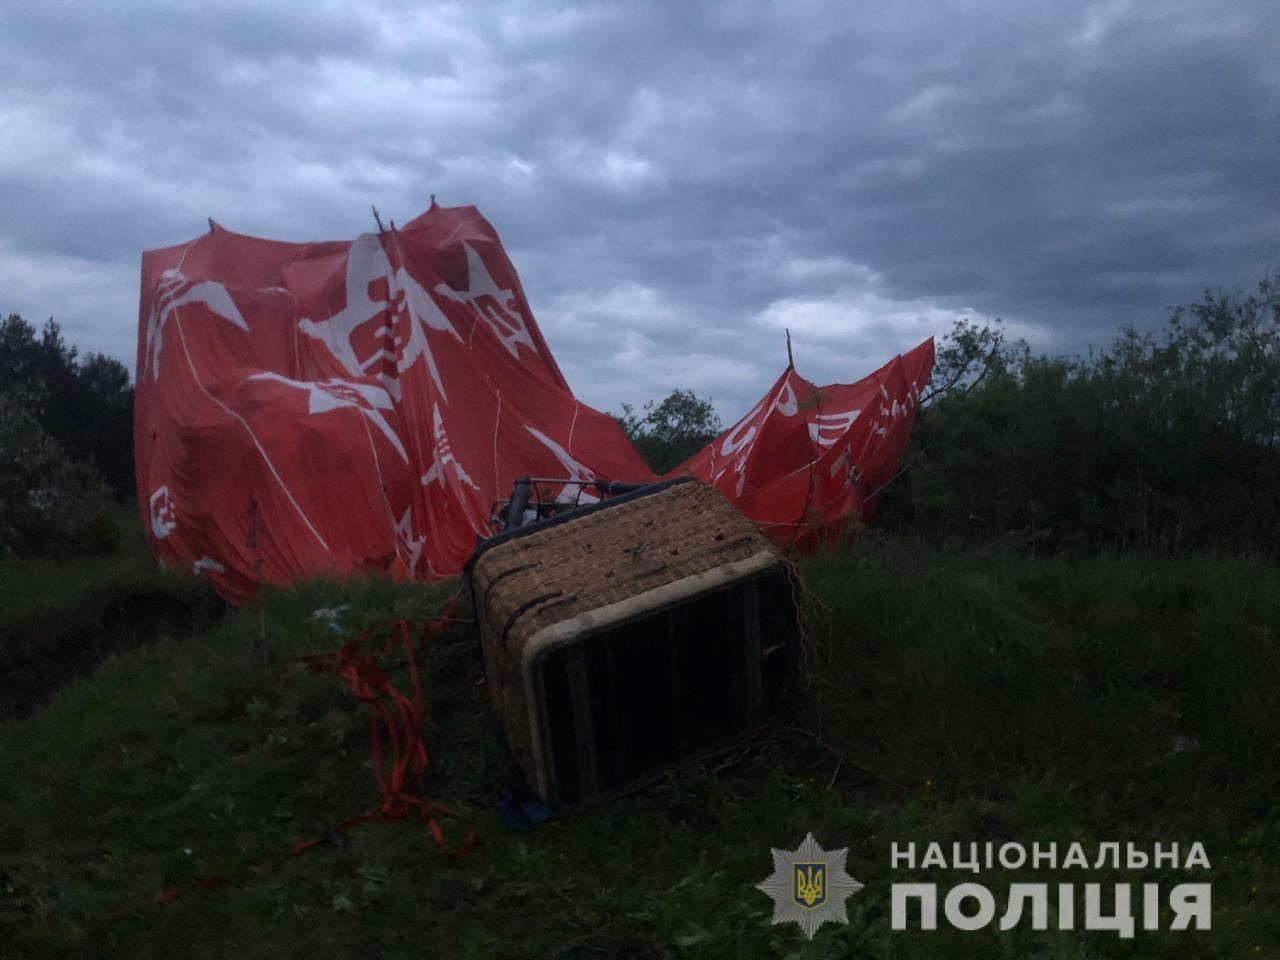 На Хмельниччині поліція відкрила кримінальне провадження за фактом падіння повітряної кулі з людьми на борту